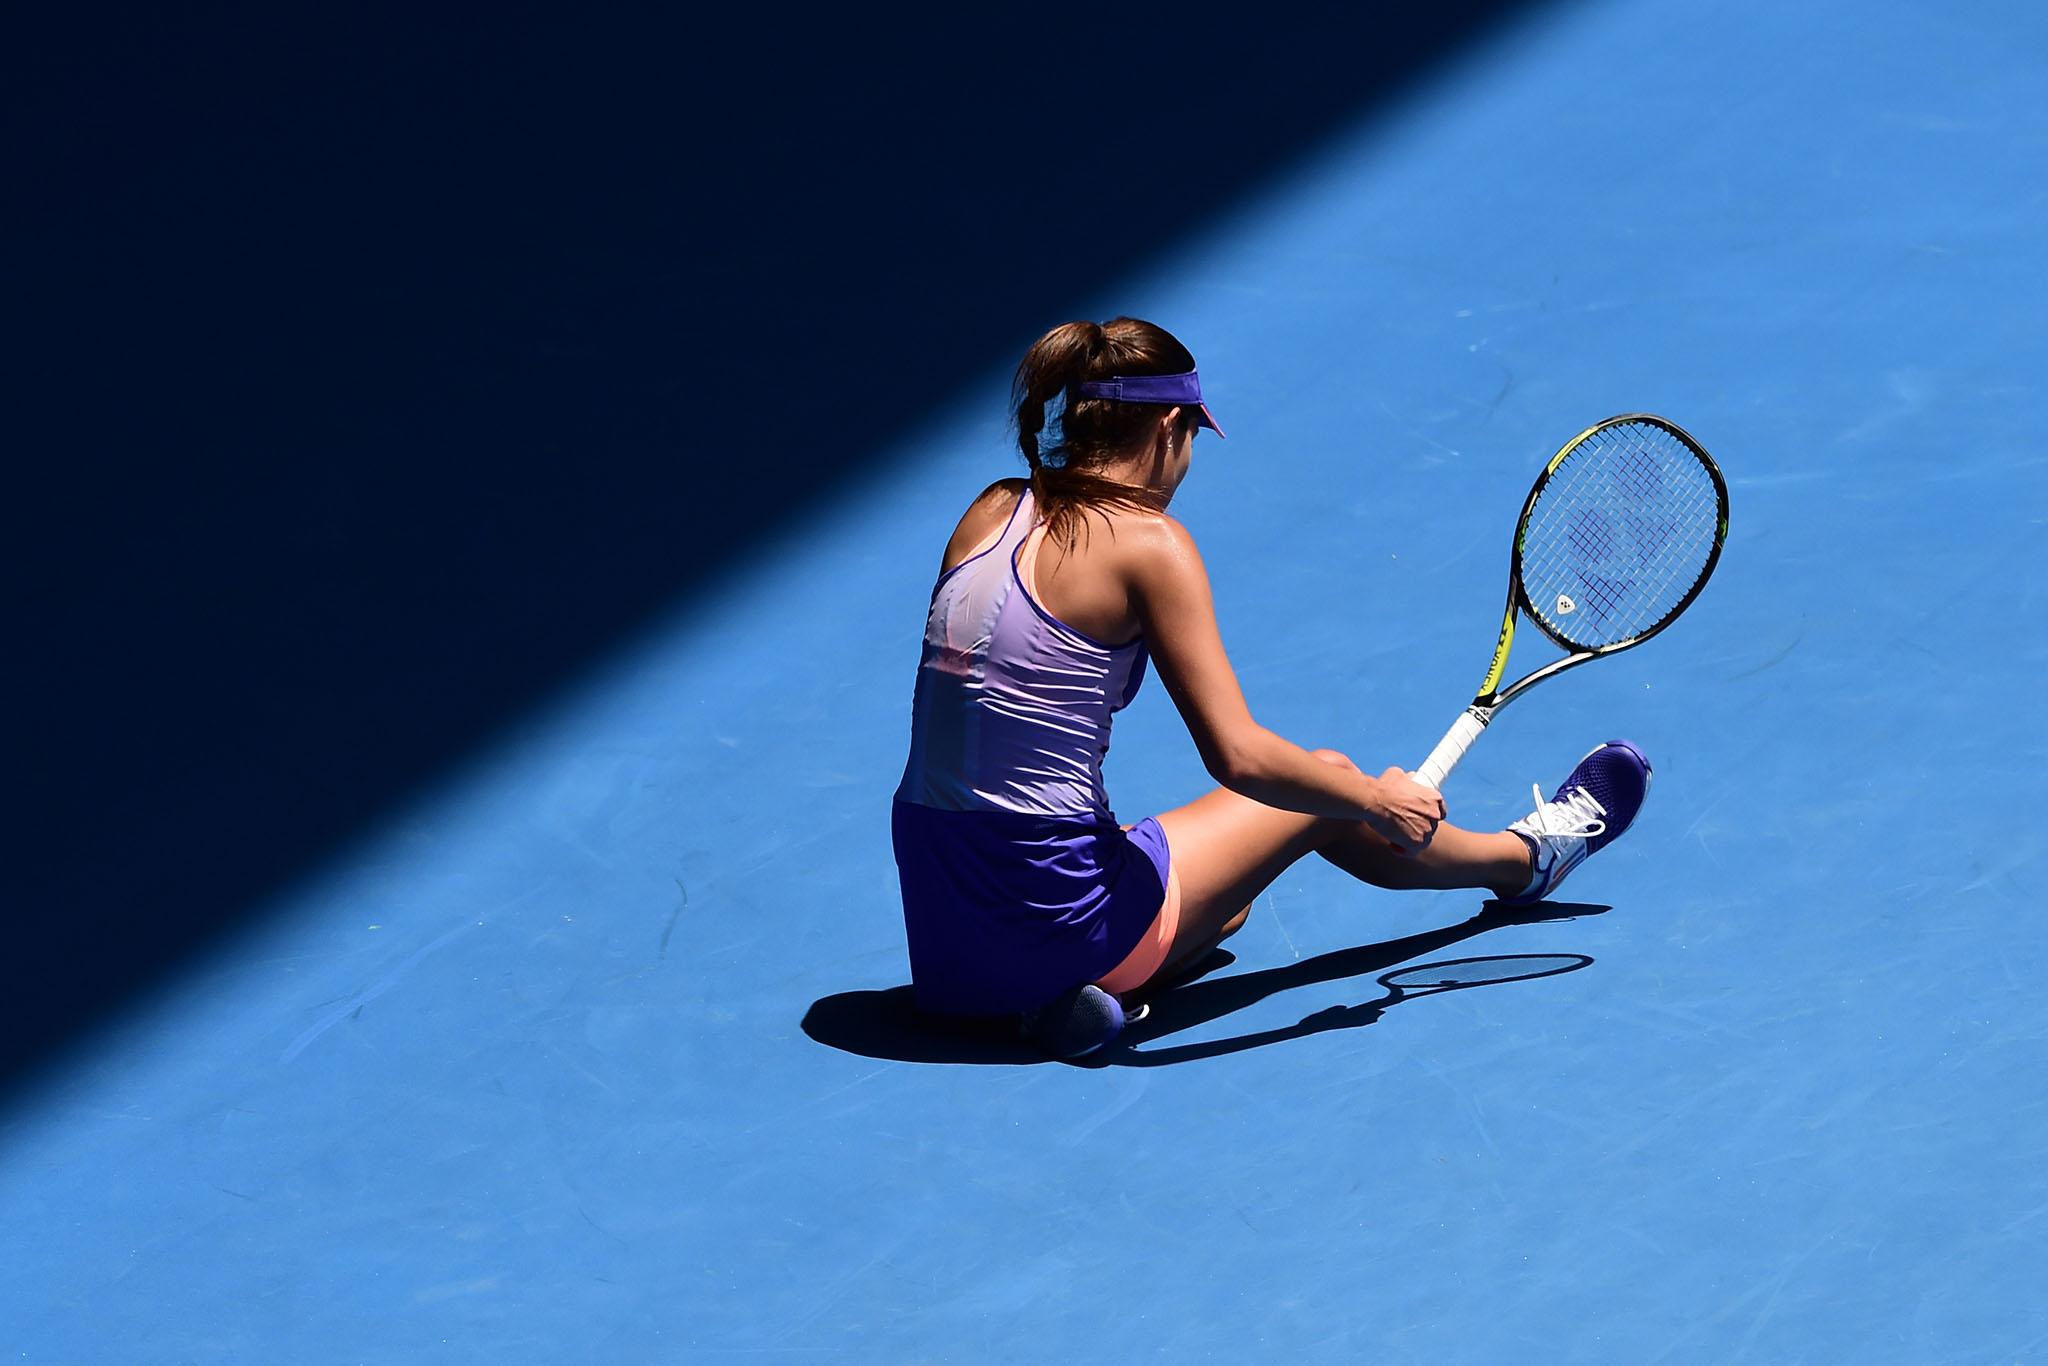 Ana Ivanovic Australian Open 2015